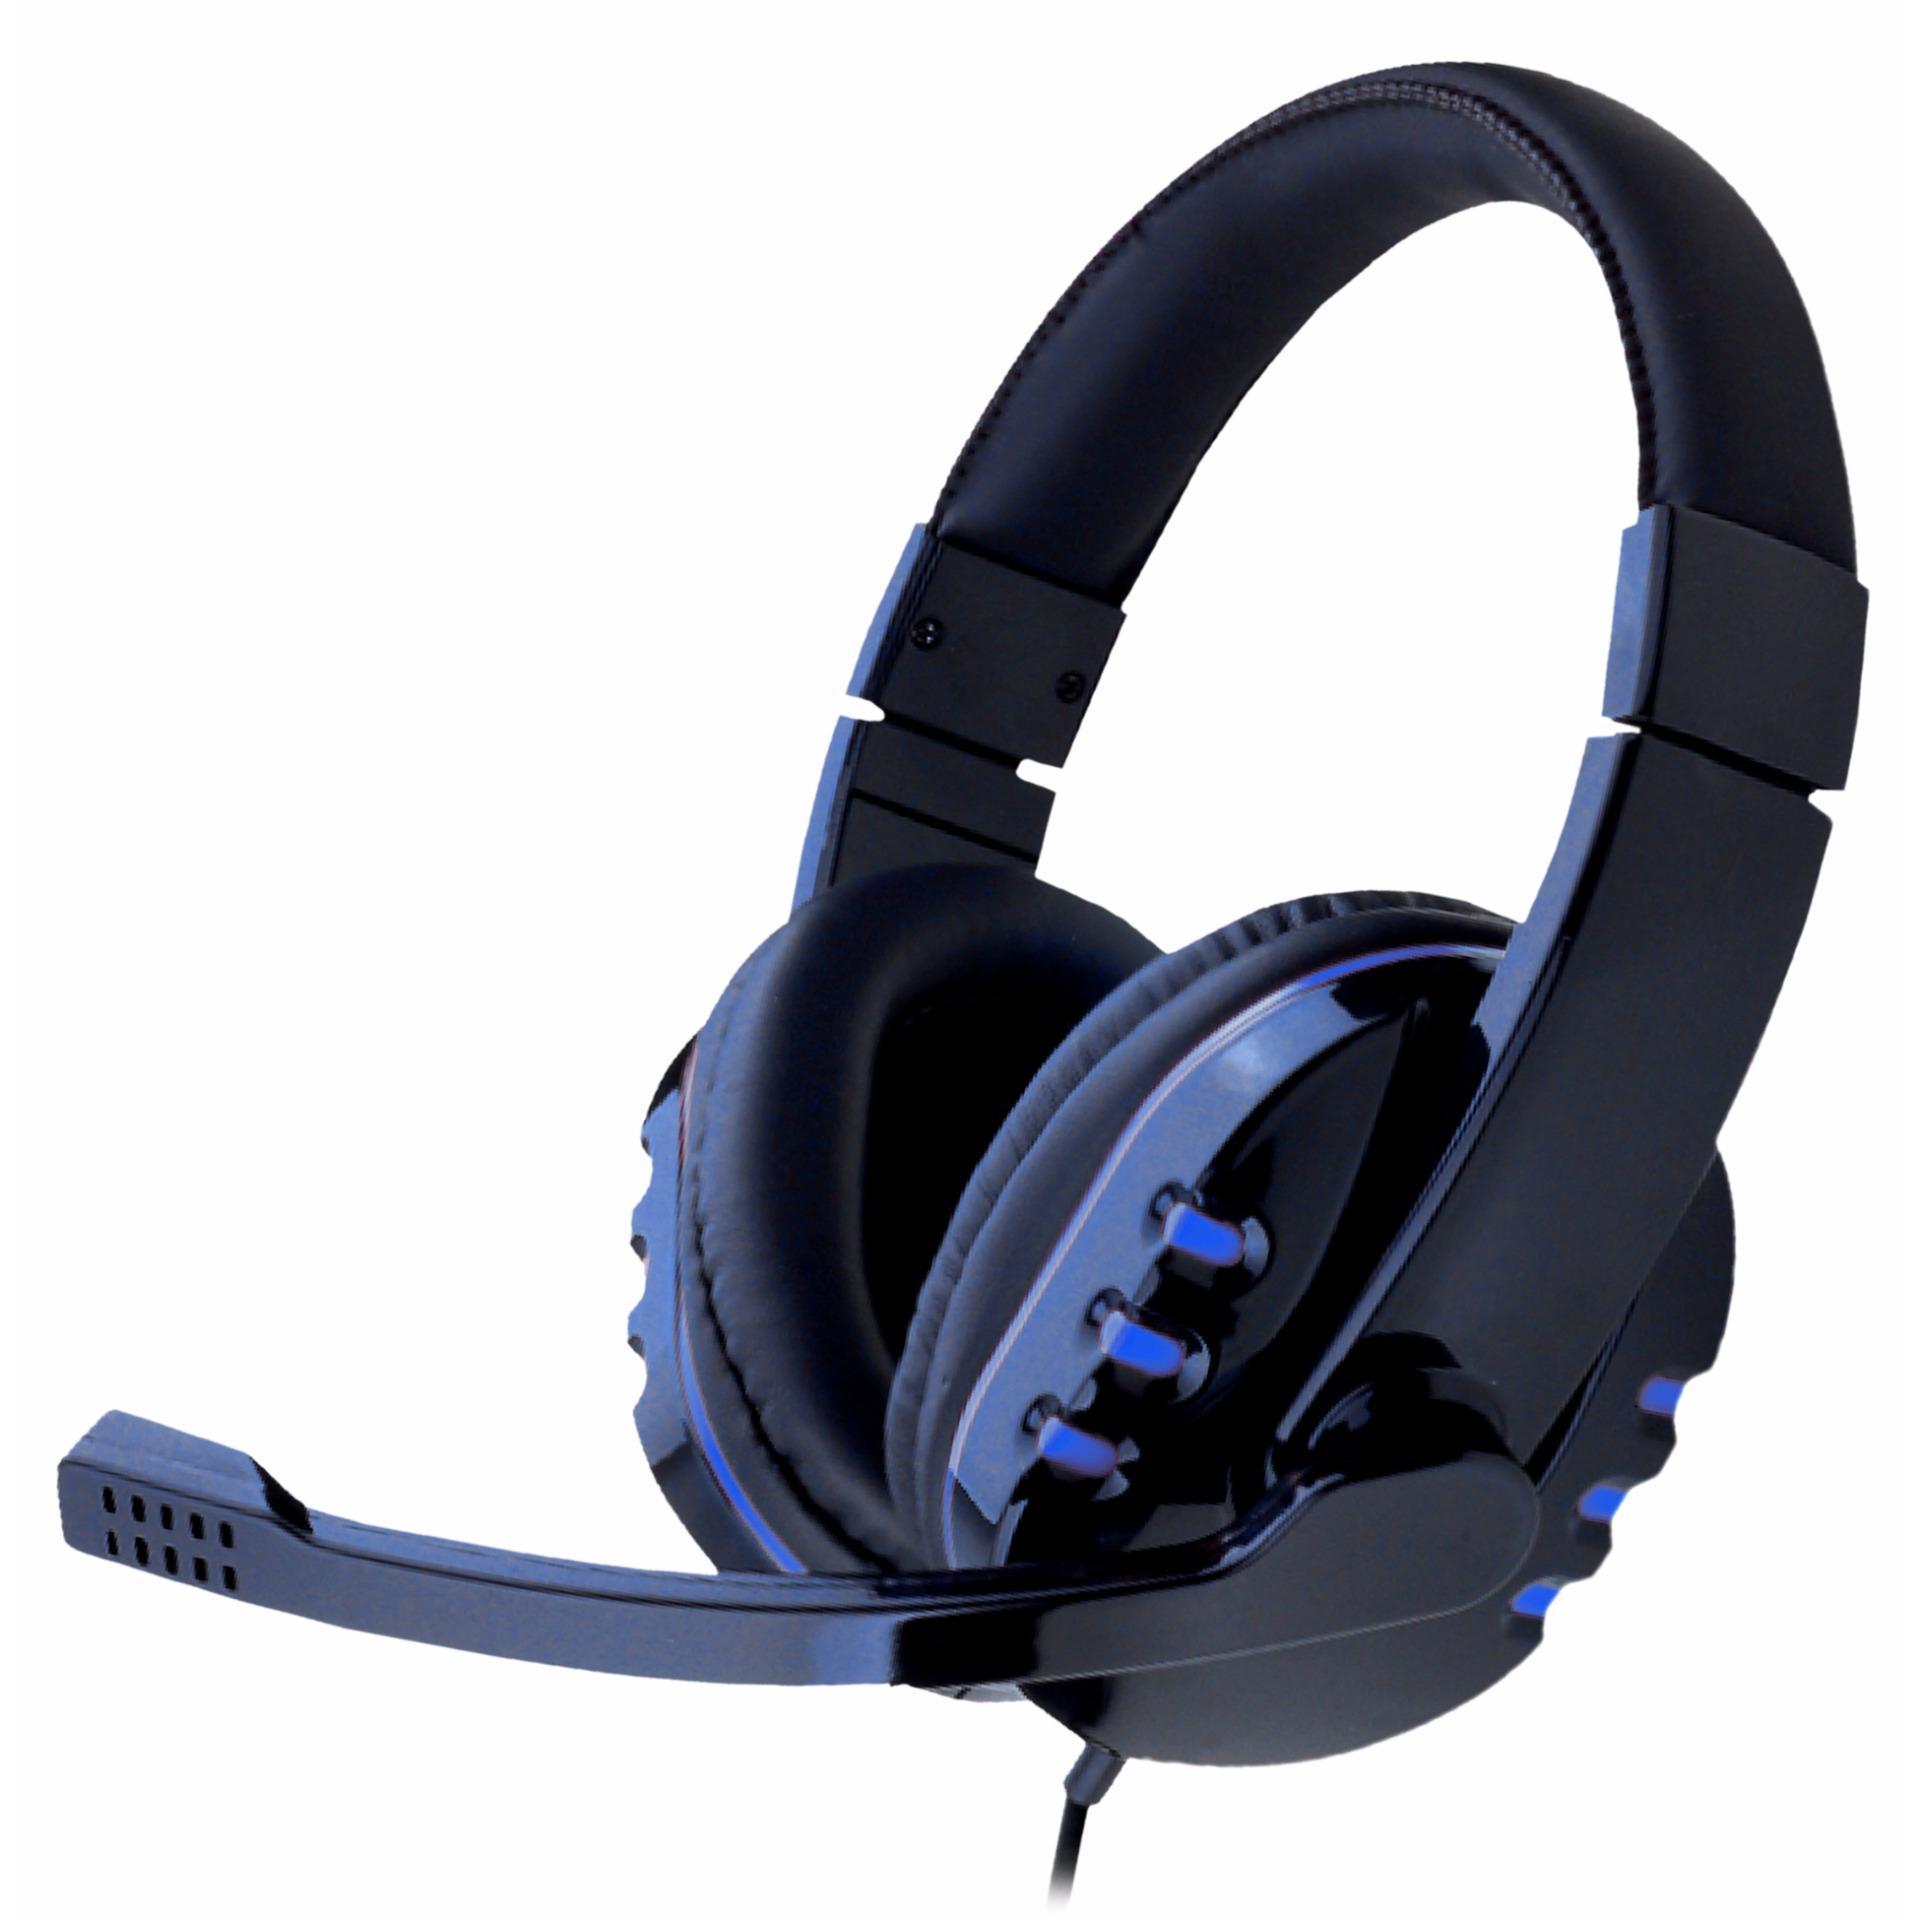 Jual Mediatech Gaming Headset Headphone Zeus Msh 016 Biru Import